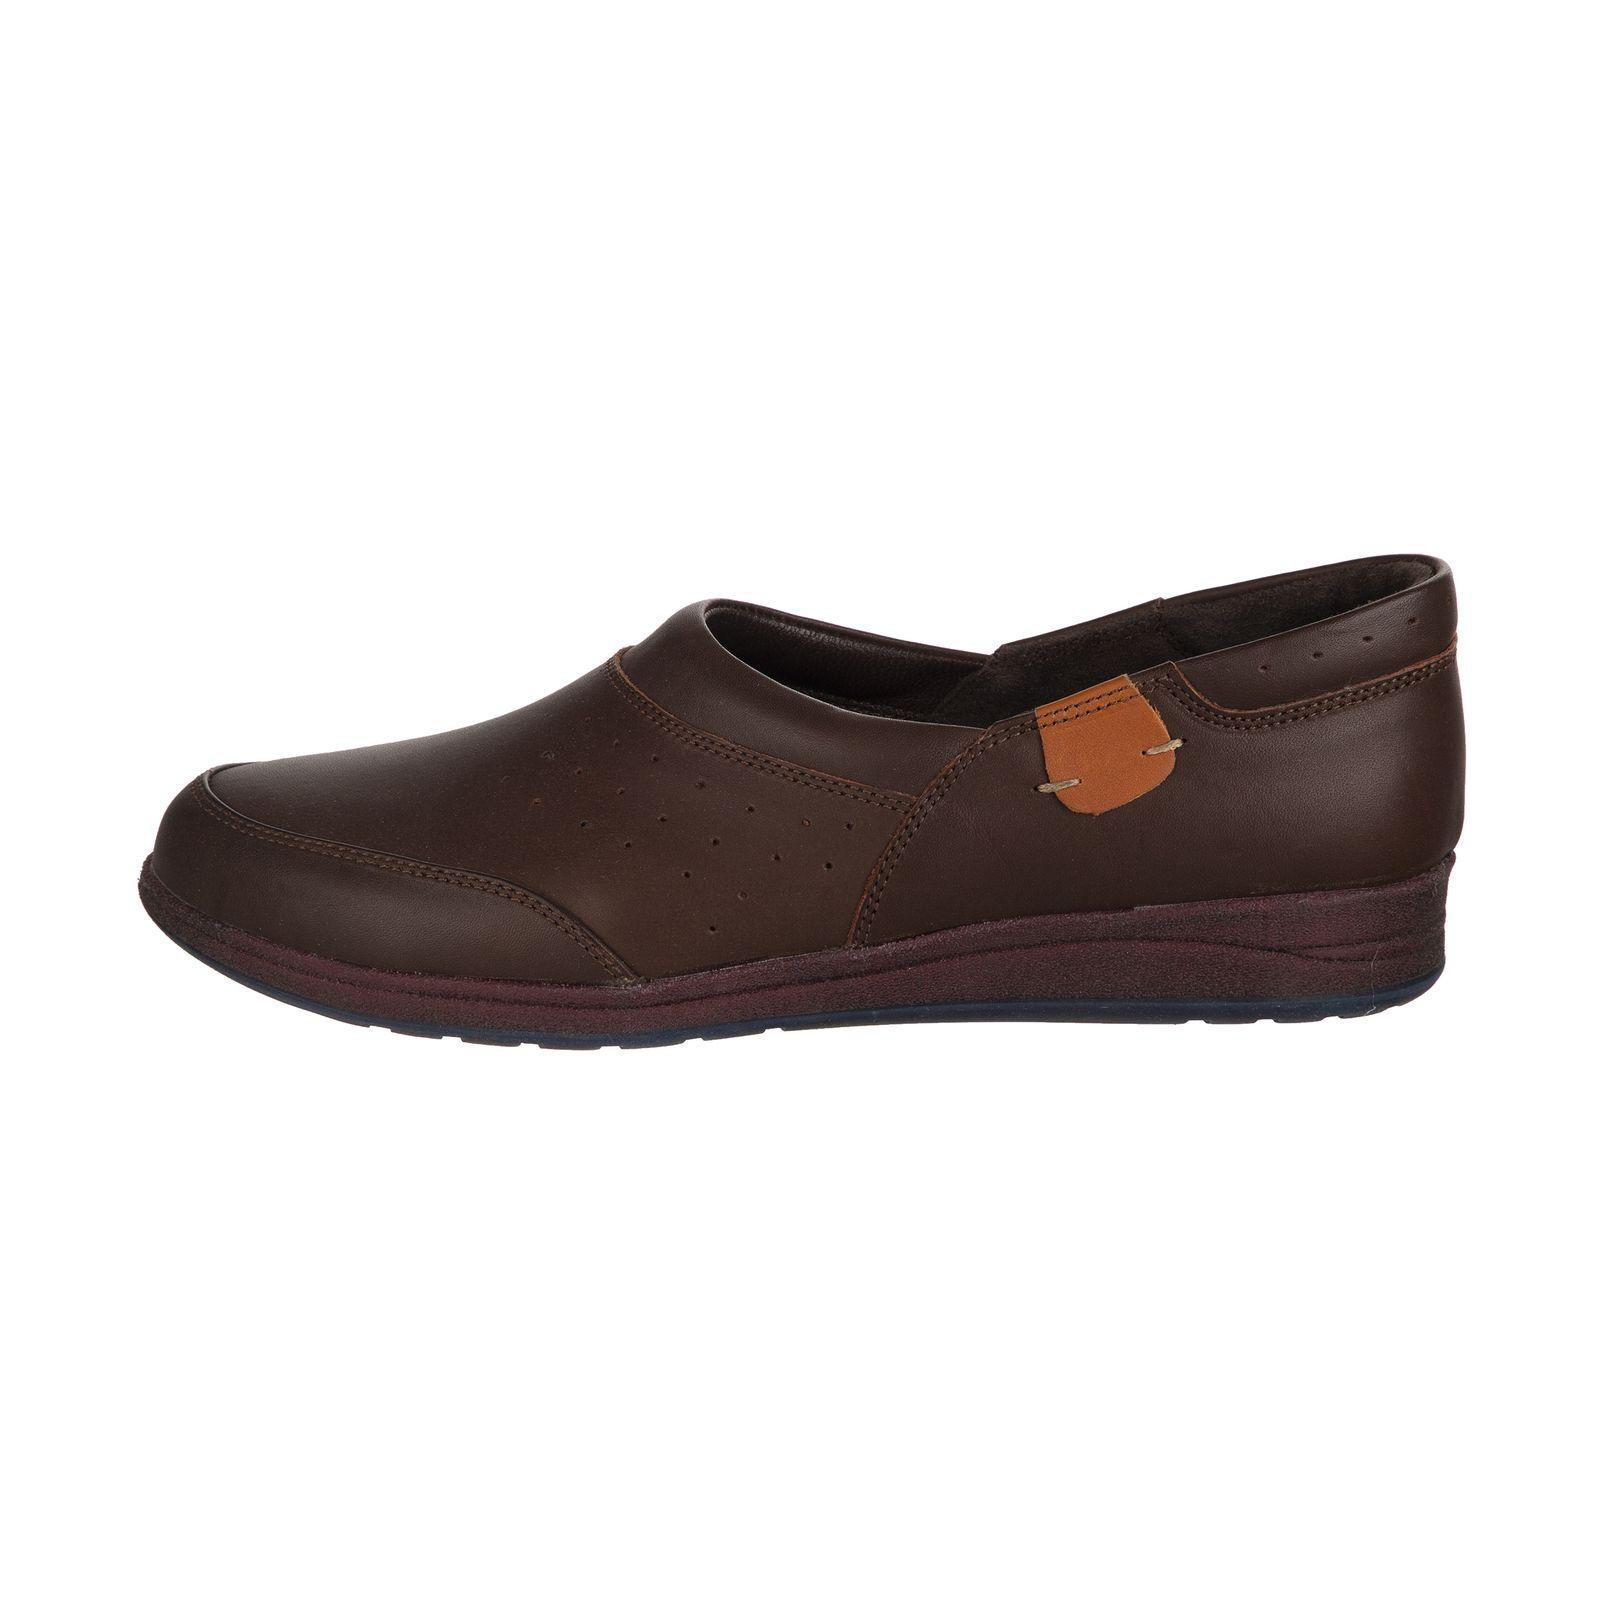 کفش روزمره زنانه سوته مدل 2959B500104 -  - 2